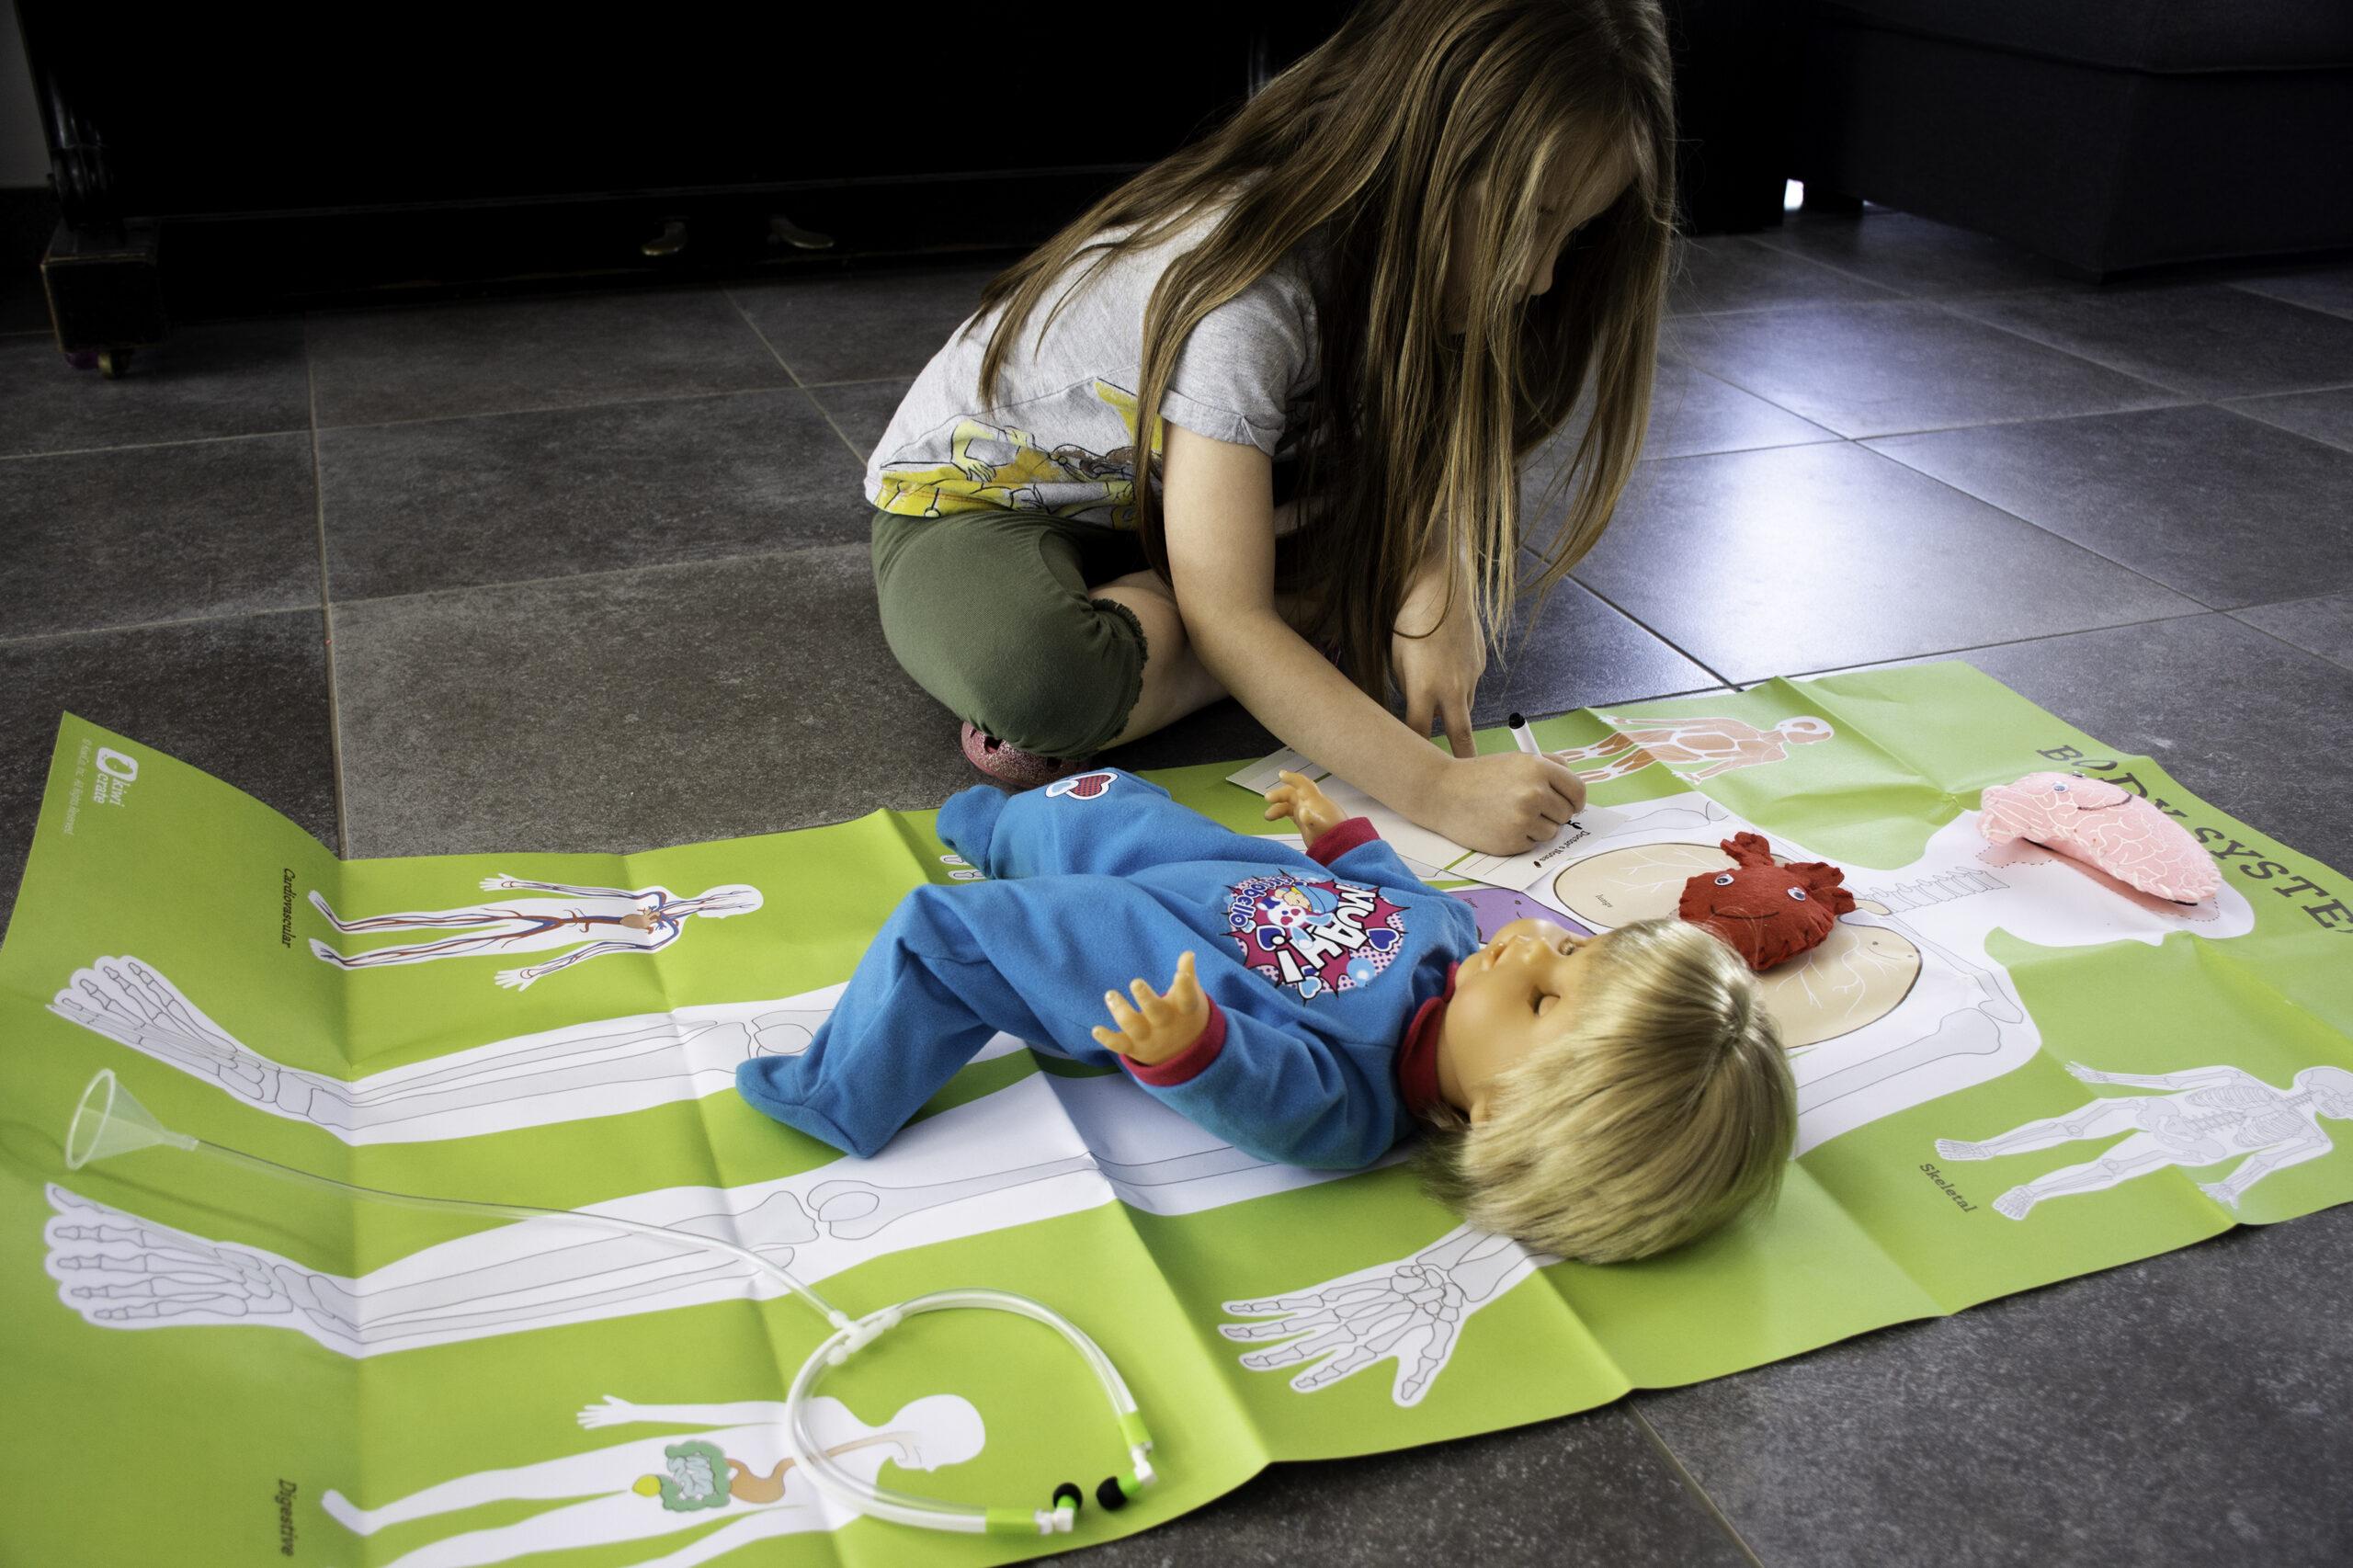 Ciencia, experimentos y niños en casa